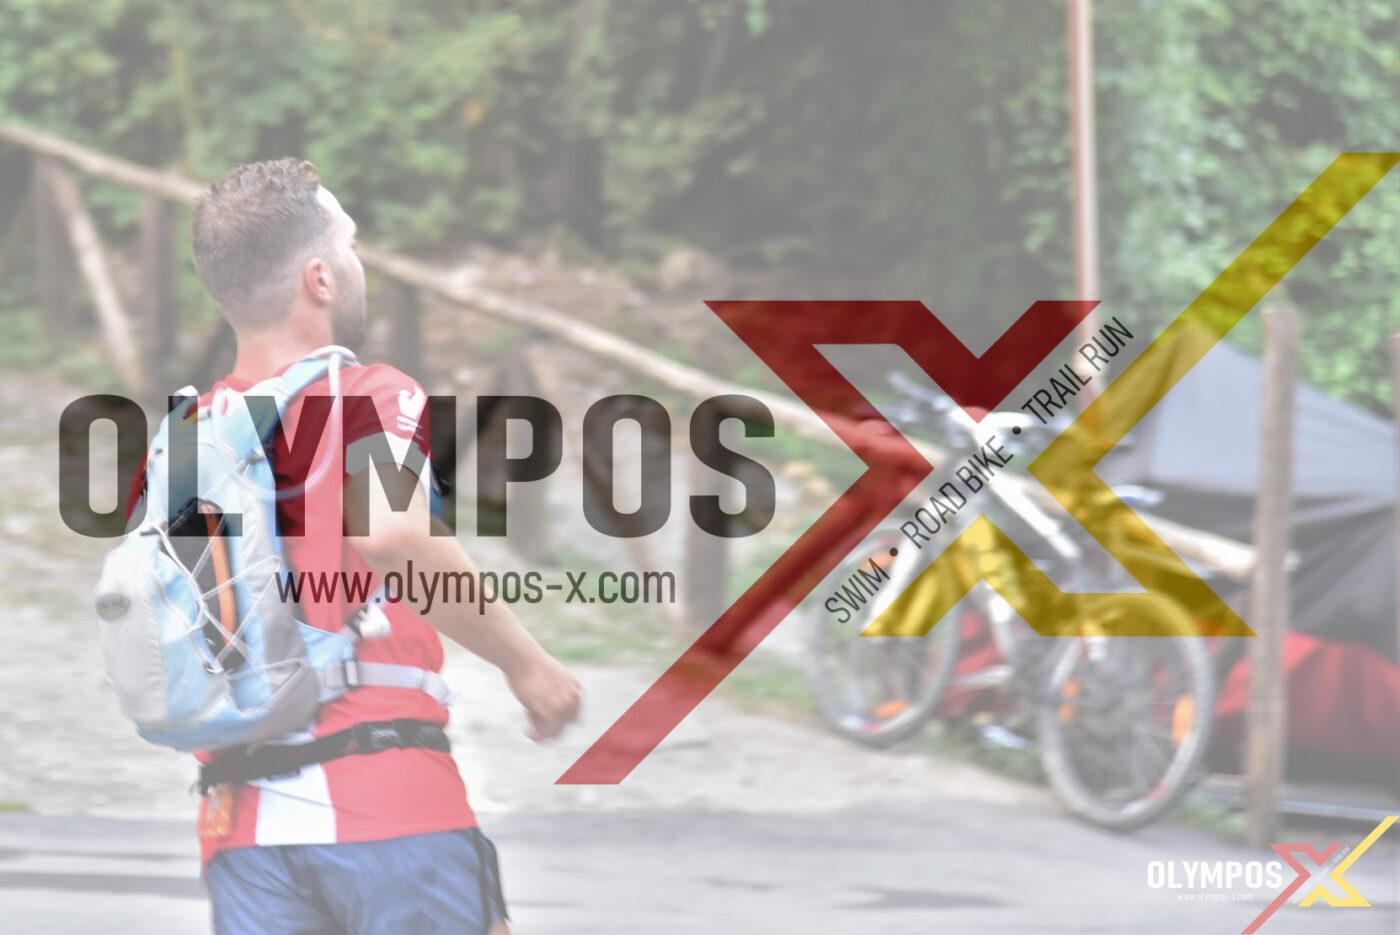 Olympos-X Αγώνας τριάθλου